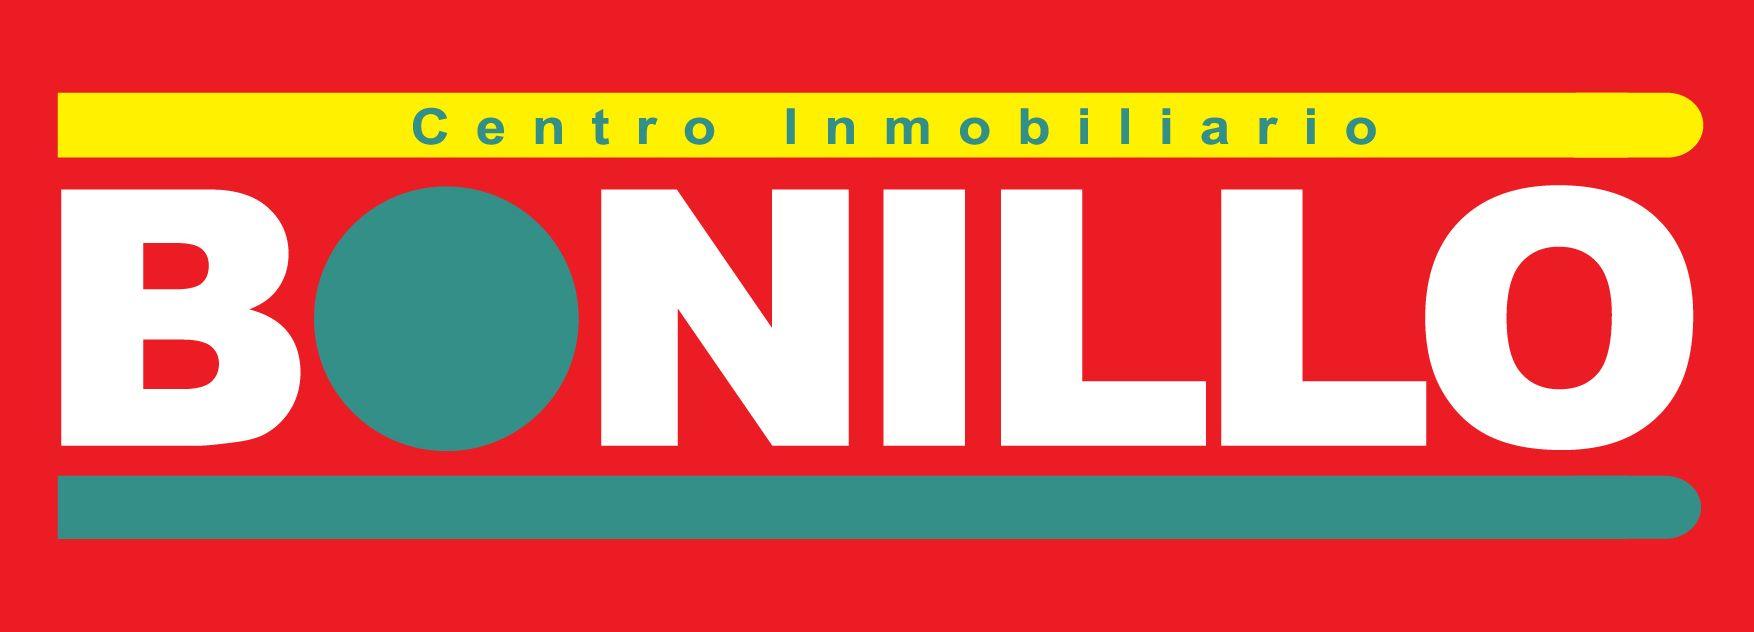 Logo de  Centro Inmobiliario Bonillo